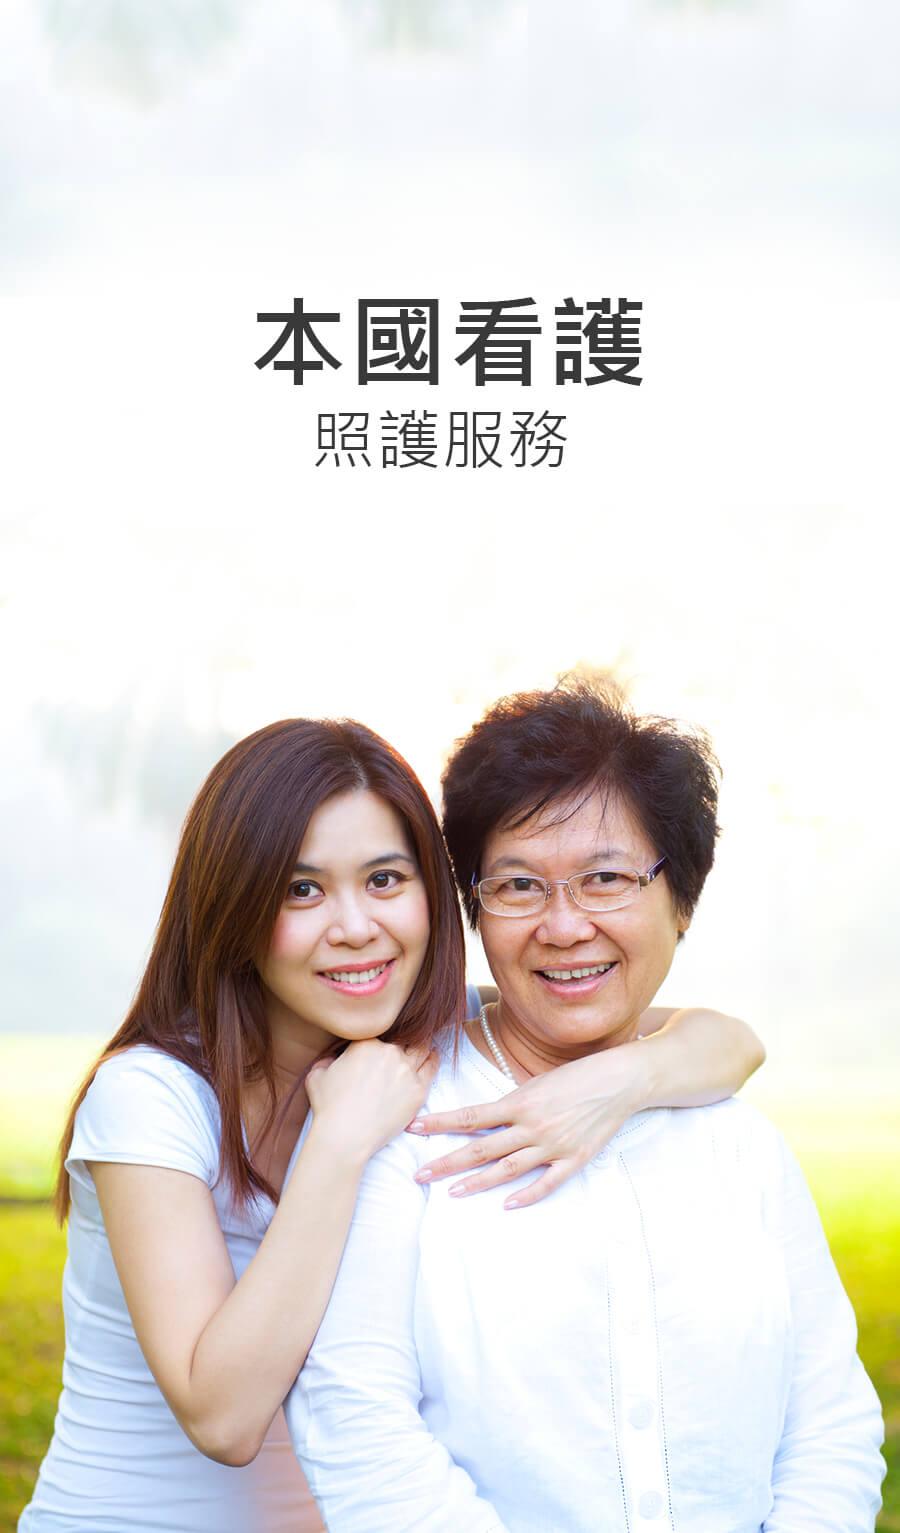 本國看護banner